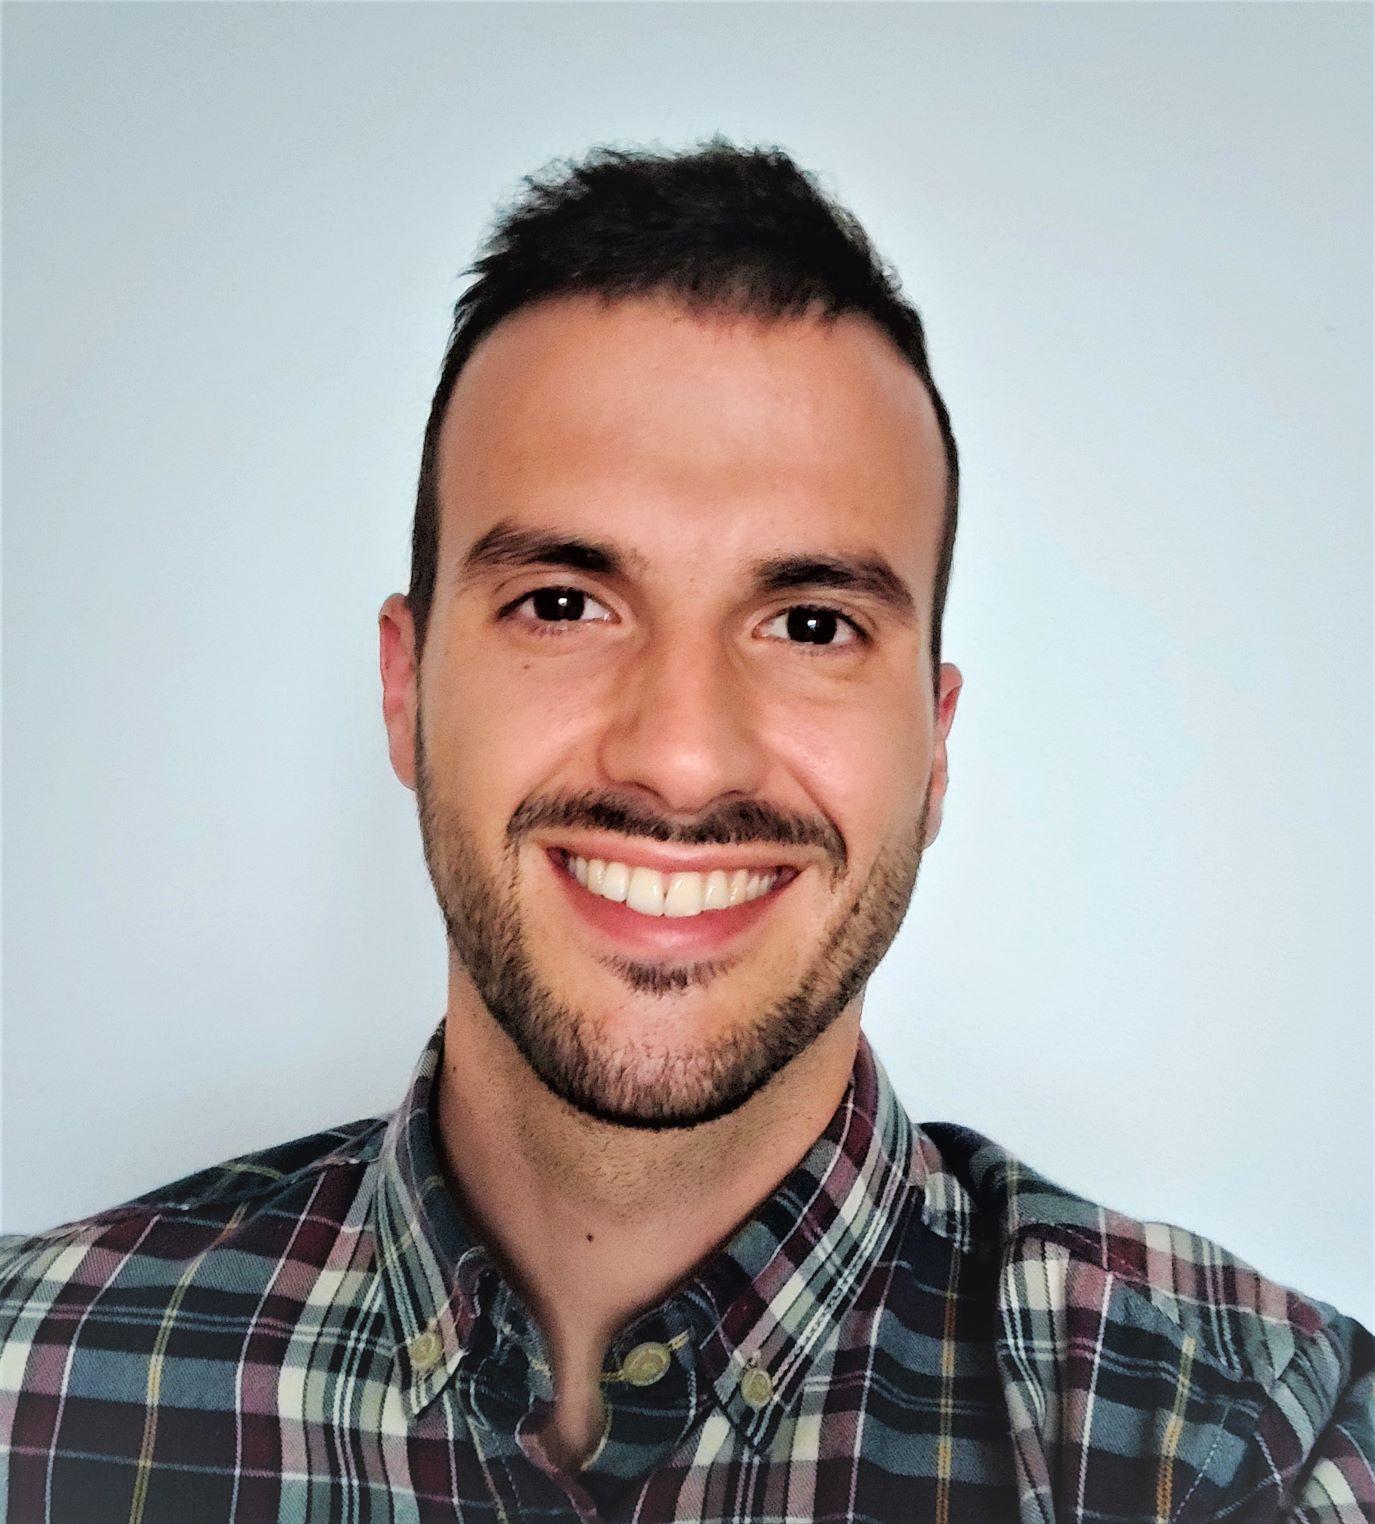 Juan Francisco Gonzalez Marin